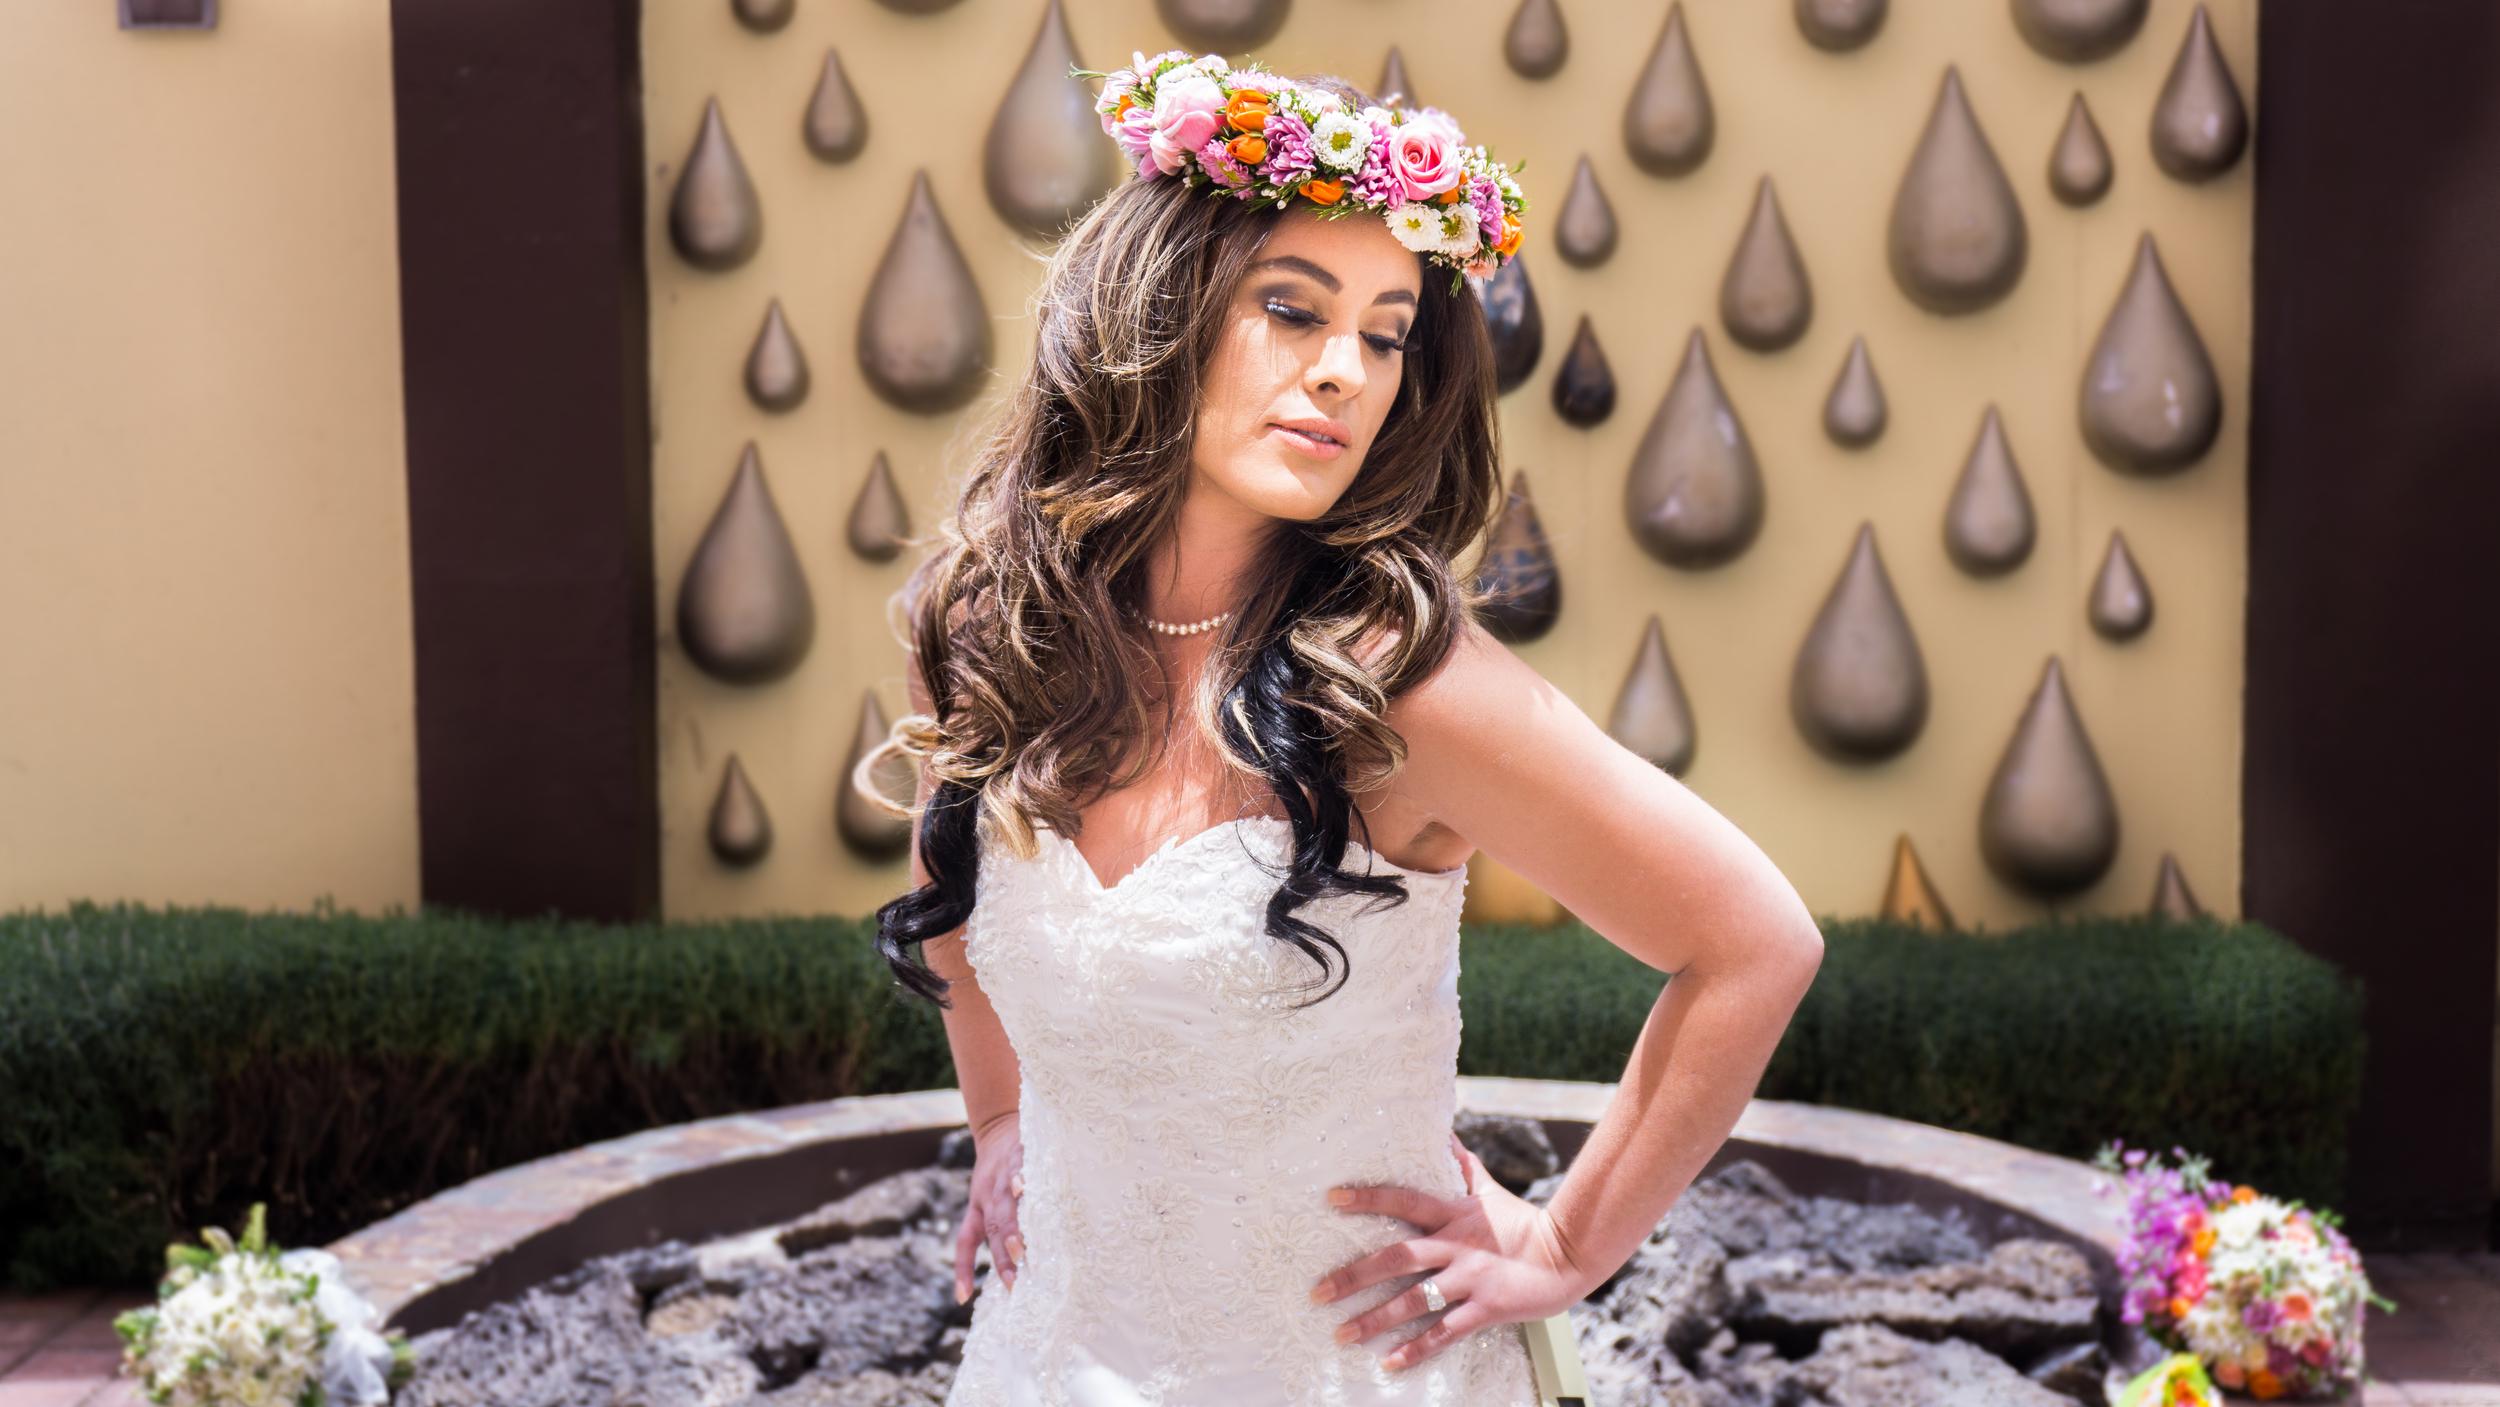 bridal shoot, spring inspiration, flowers, Mexico , tampa wedding photographer, Fotografo de Bodas Mexico